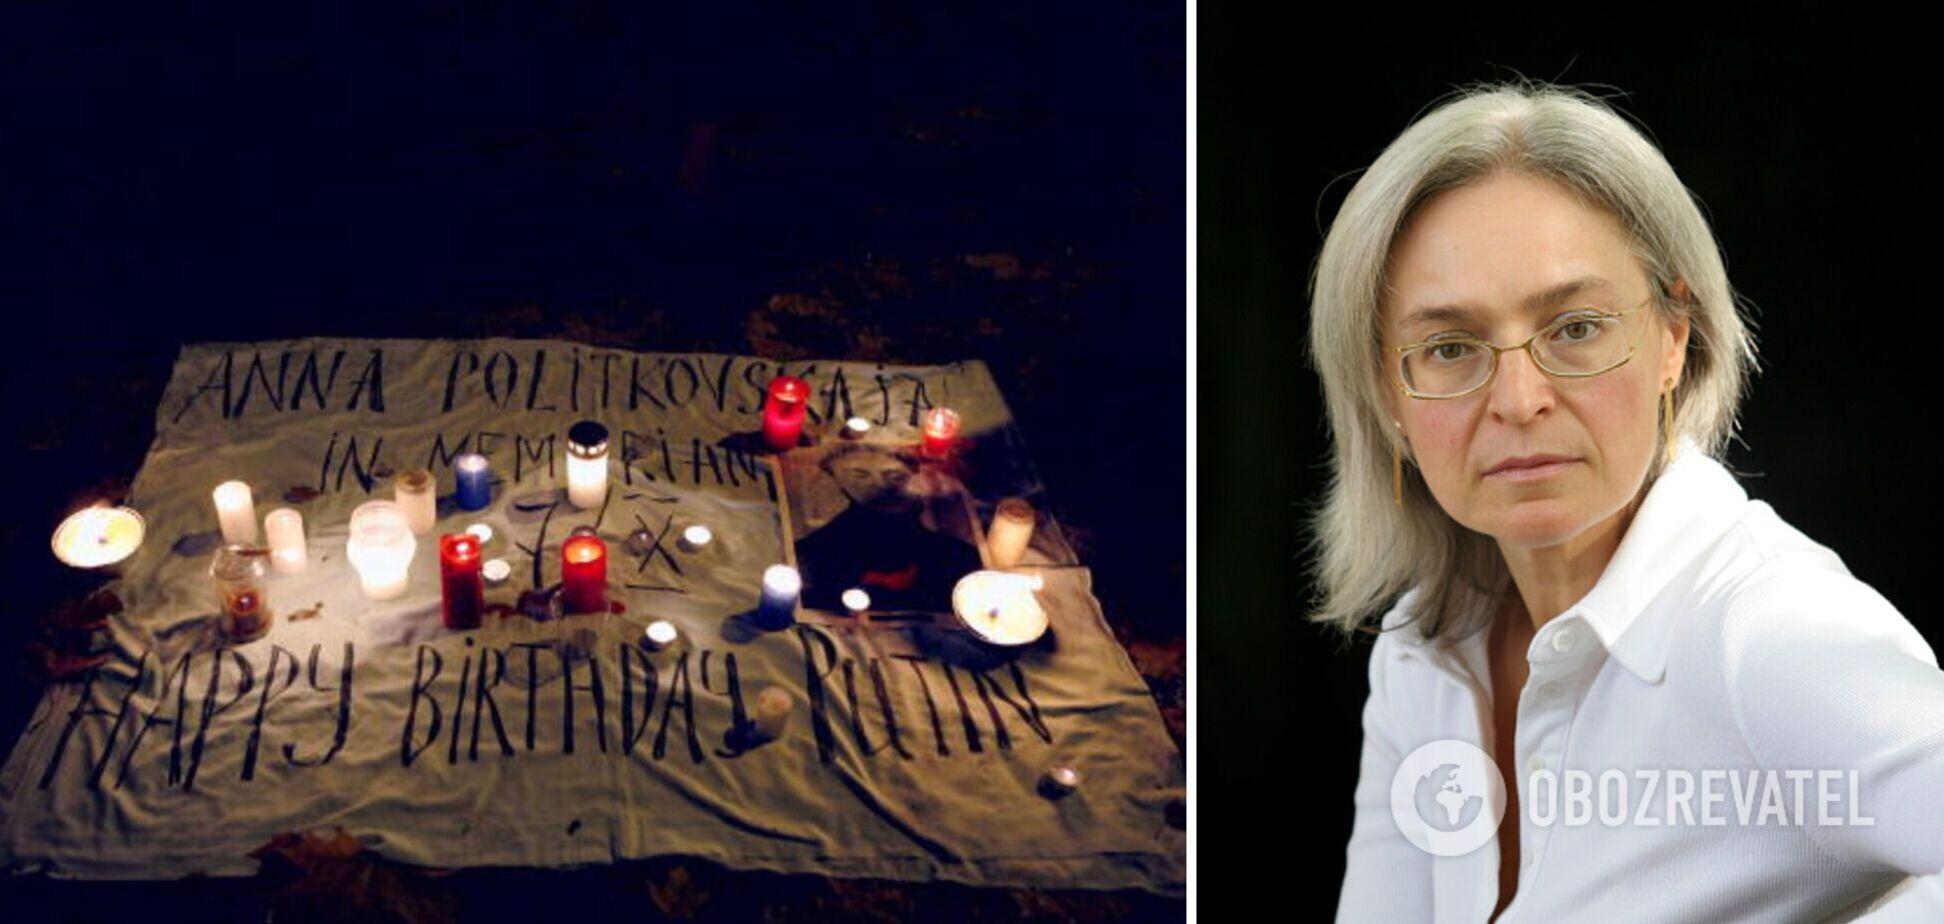 'Я часто думаю: человек ли Путин вообще?'. 15-я годовщина убийства Анны Политковской